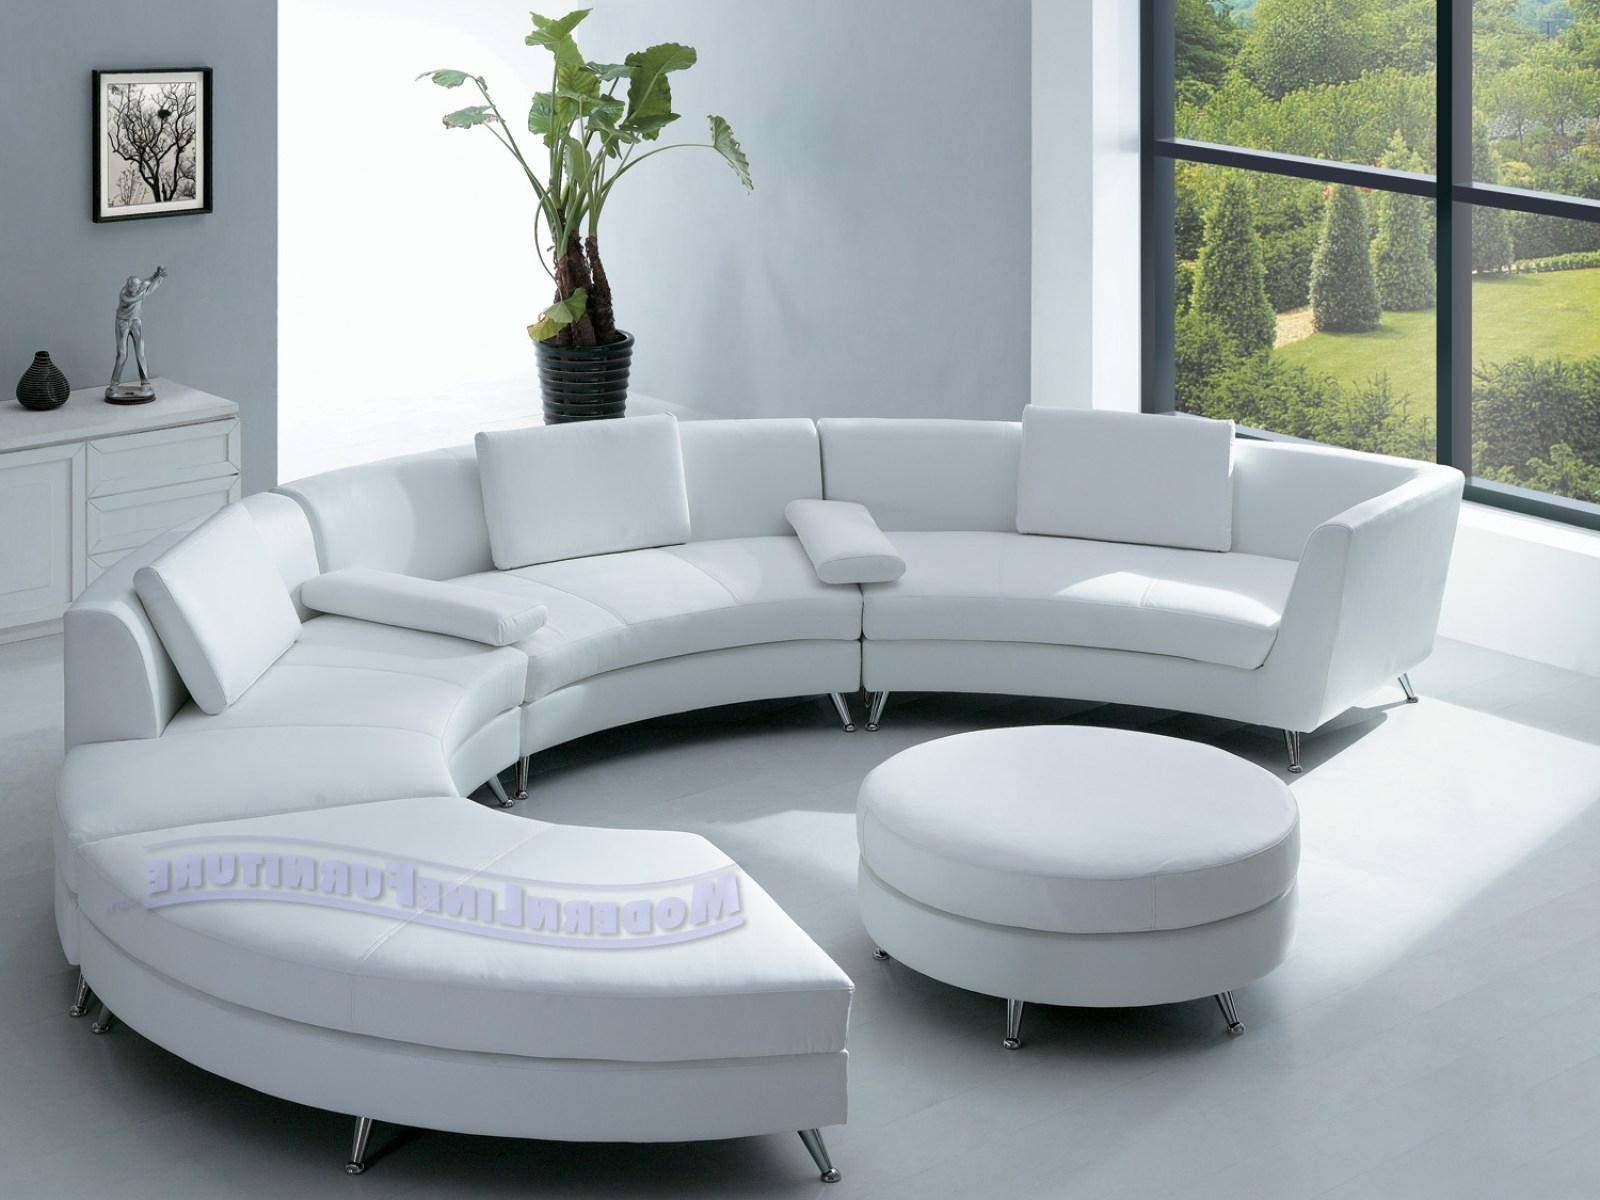 Fashionable ▻ Sofa : 19 Comfortable Half Chair Half Sofa With Pillow 5 Best With Comfortable Sofas And Chairs (View 13 of 20)